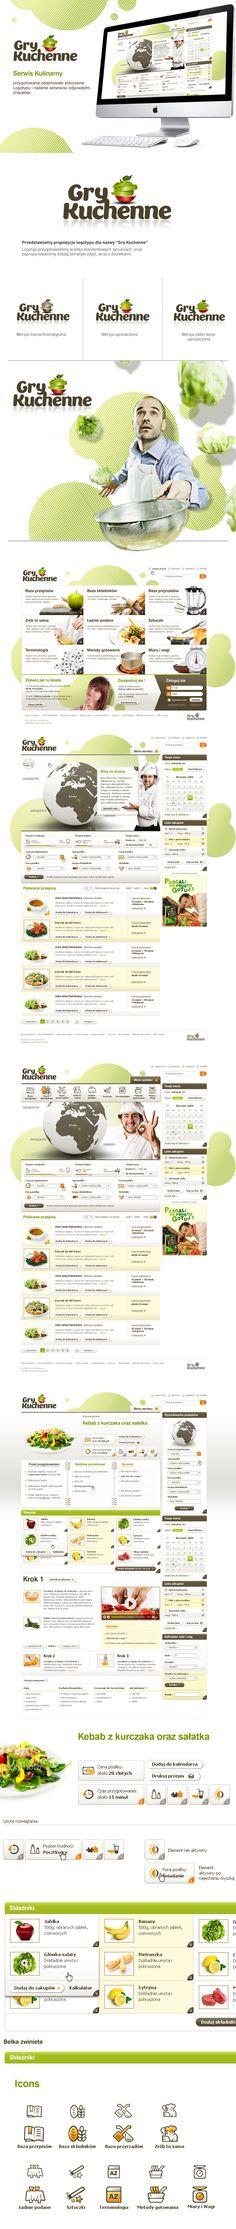 | #webdesign #it #web #design #layout #userinterface #website #webdesign <<< repinned by an #advertising #agency from #Hamburg / #Germany - www.BlickeDeeler.de | Follow us on www.facebook.com/BlickeDeeler